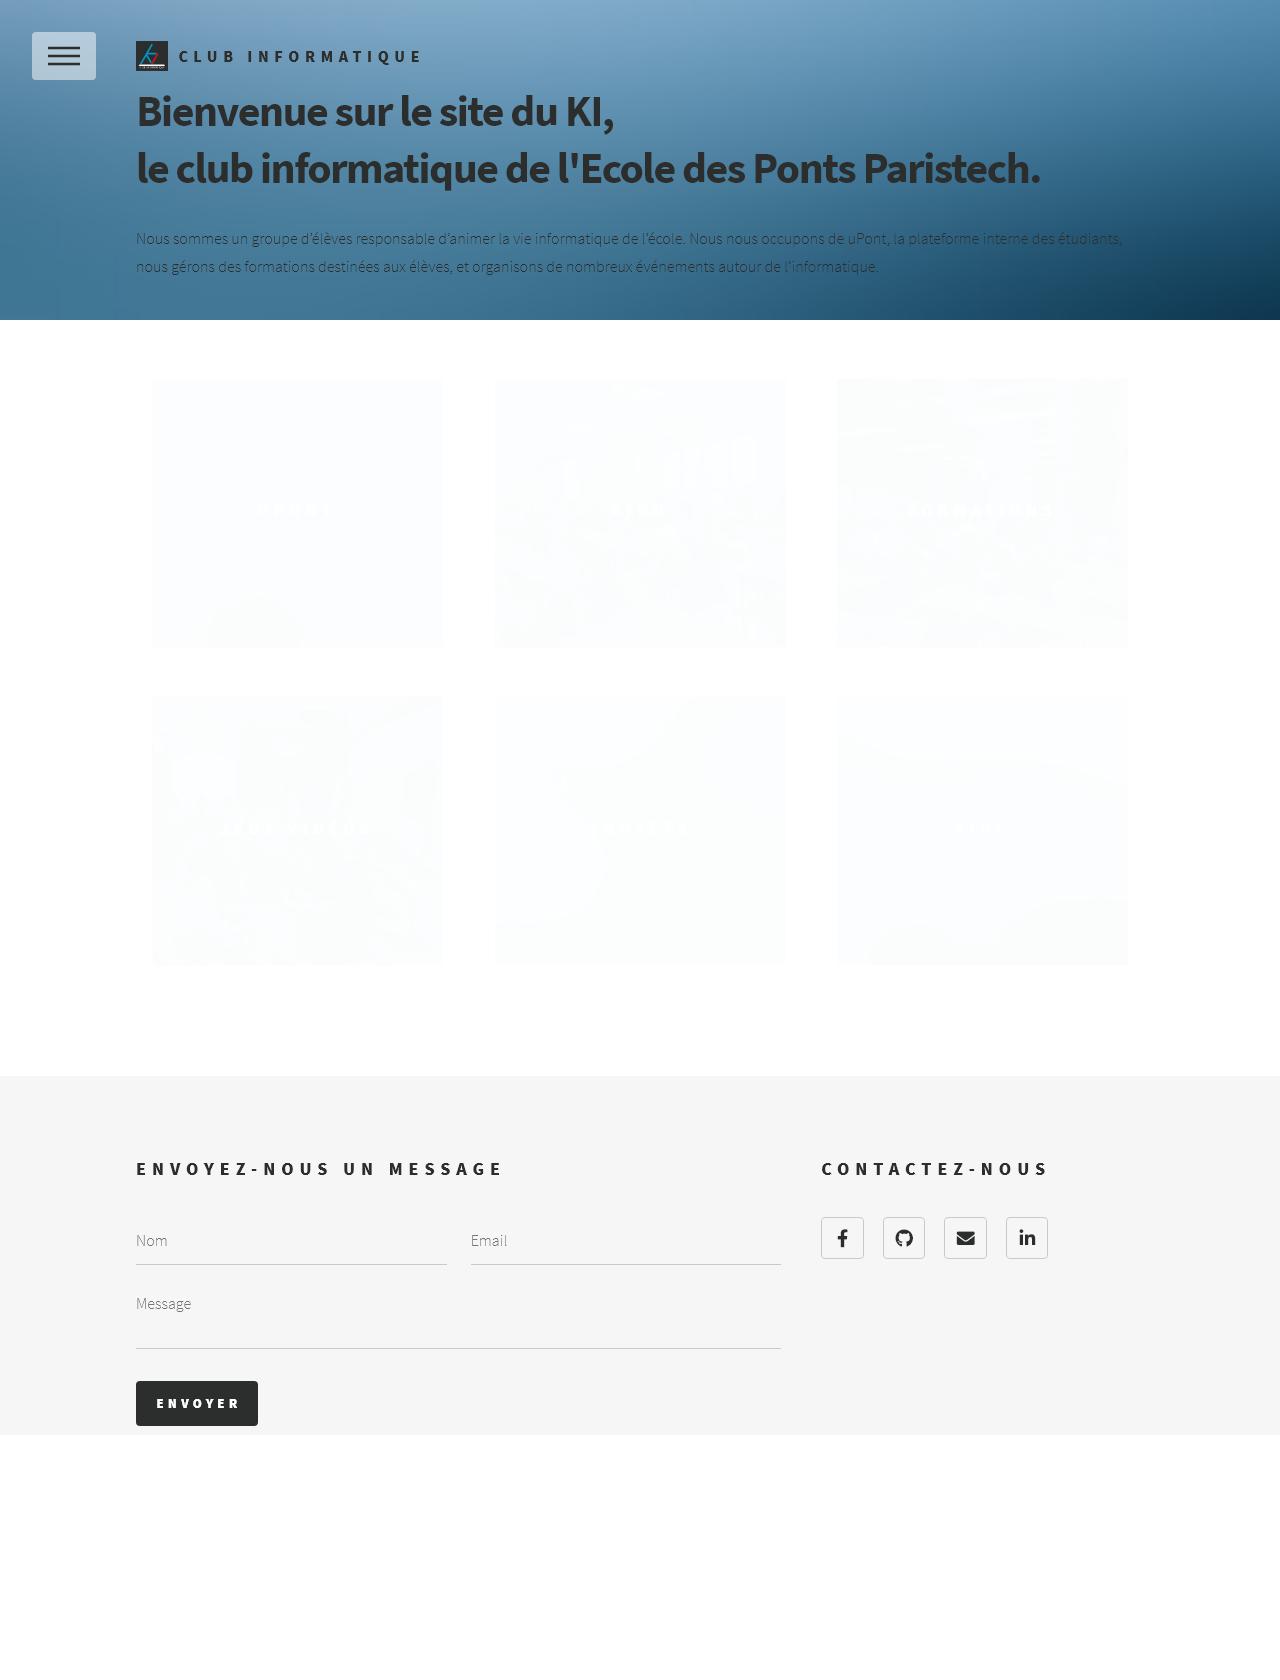 Screenshot Desktop - https://clubinfotest.enpc.org/